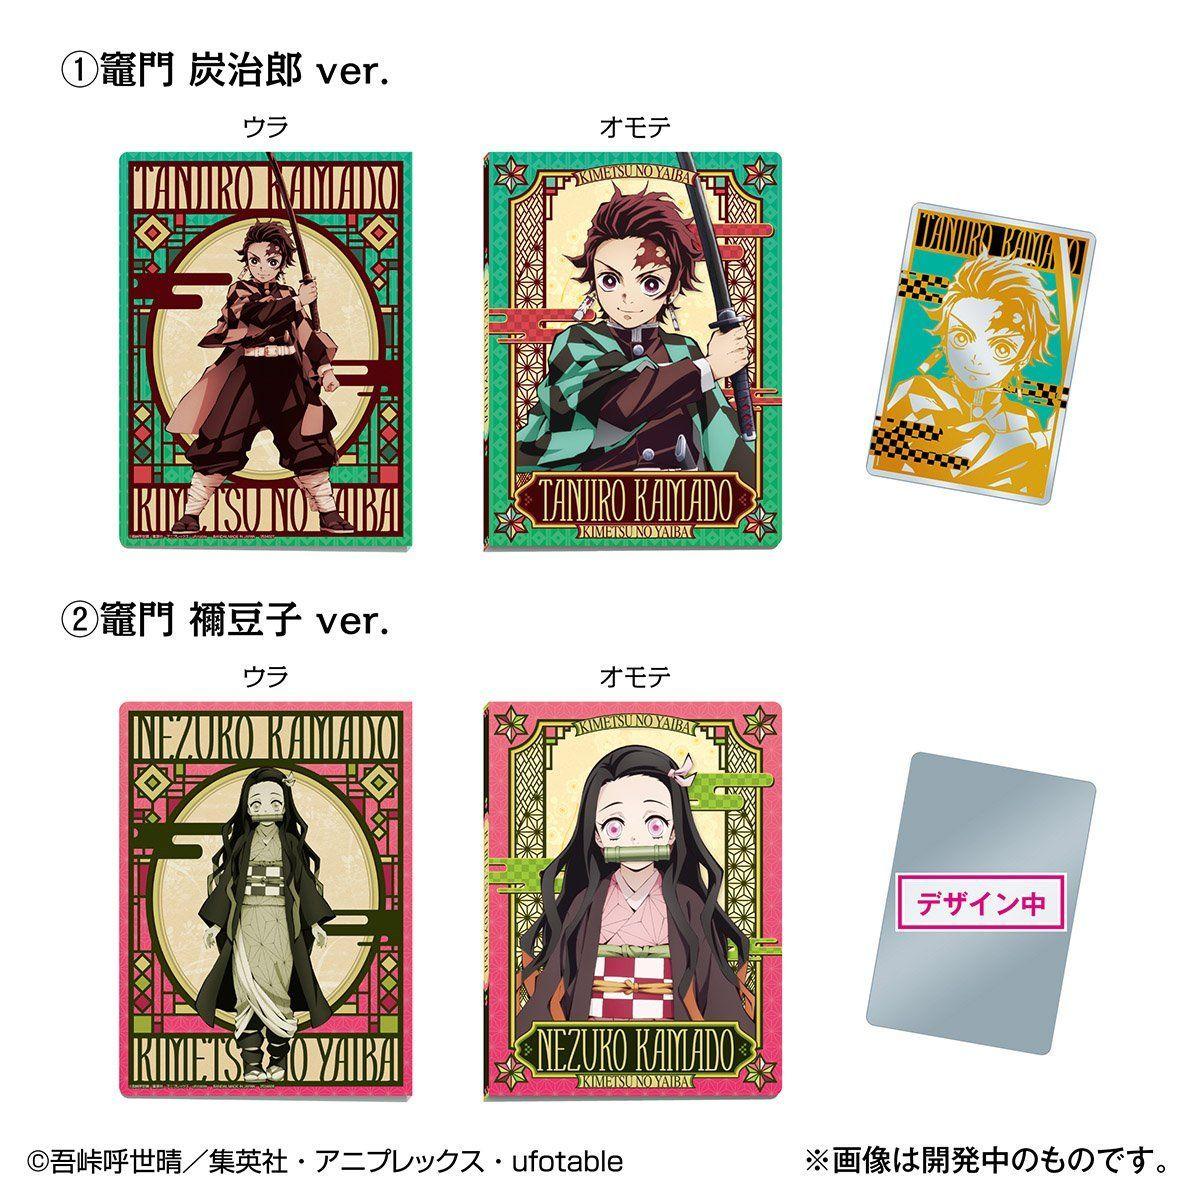 【限定販売】【食玩】『鬼滅の刃ウエハースカードファイル』全14種-003